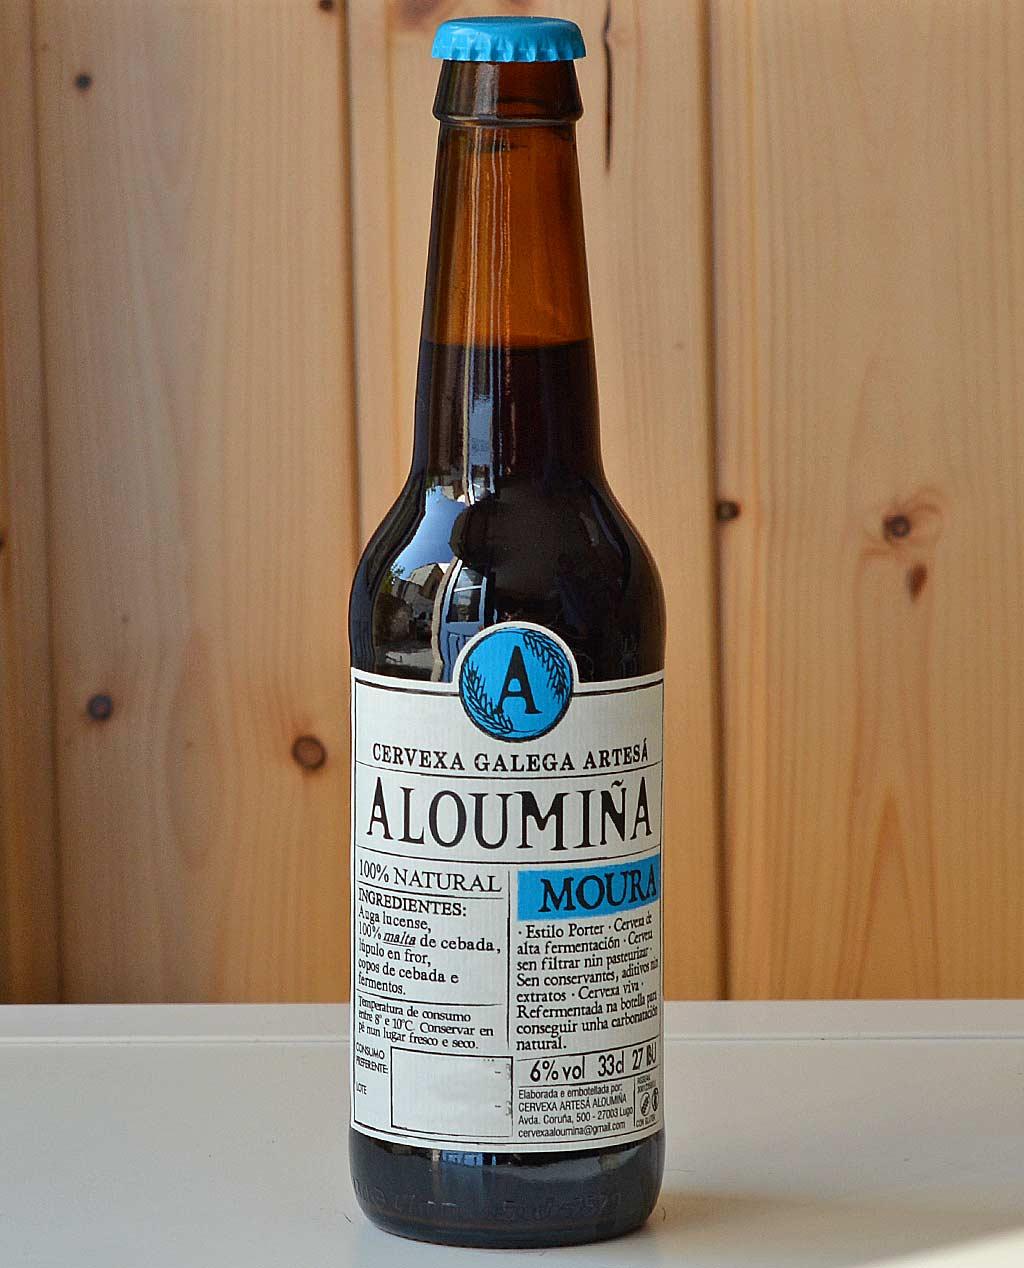 aloumina-cerveza-artesana-craft-beer-lugo-galicia-moura-porter-1024